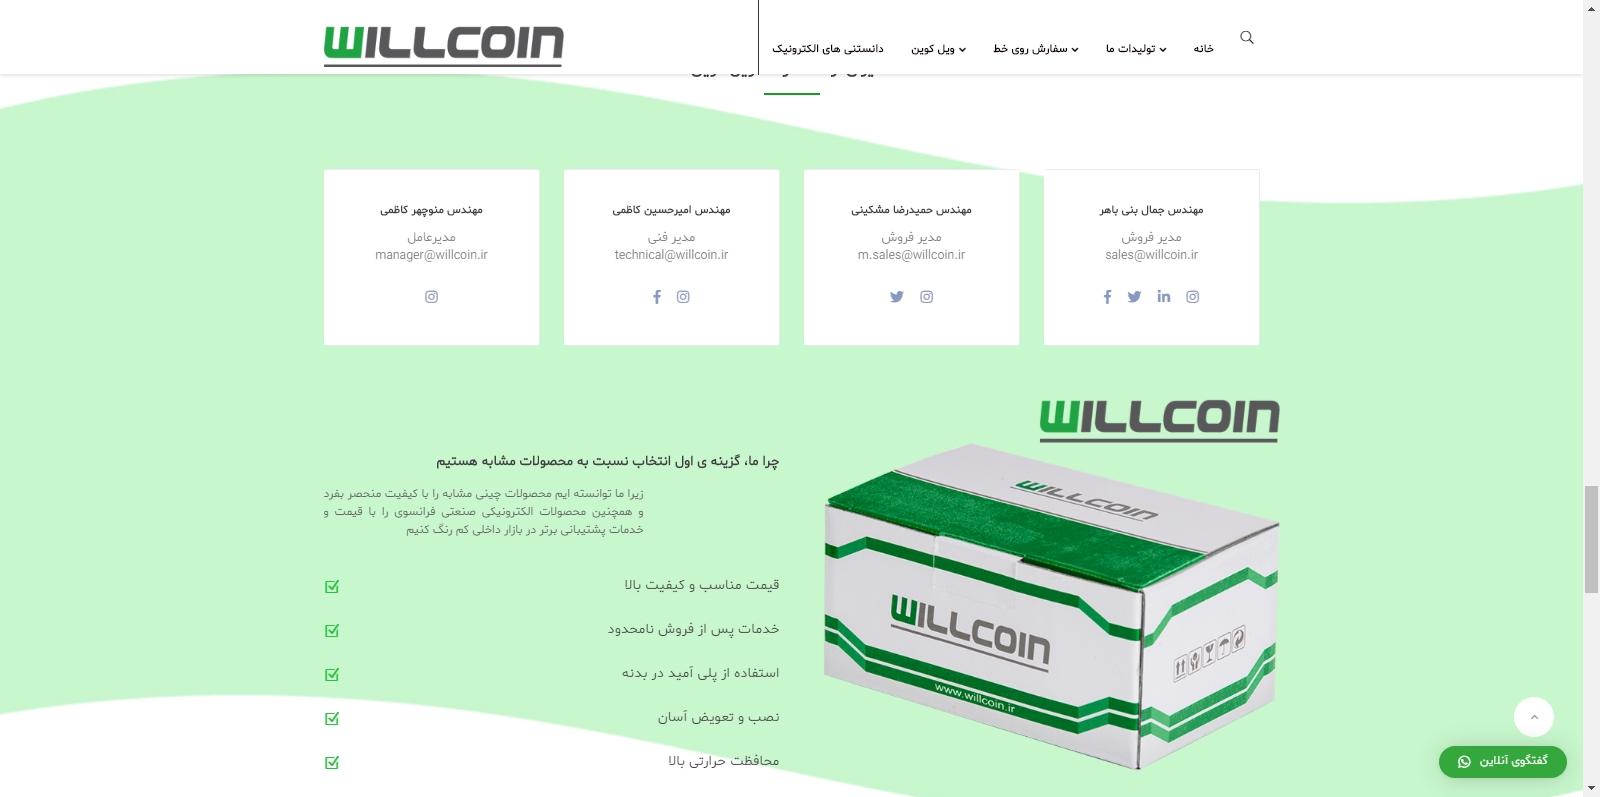 screenshot 20200526 000724 - willcoin.ir